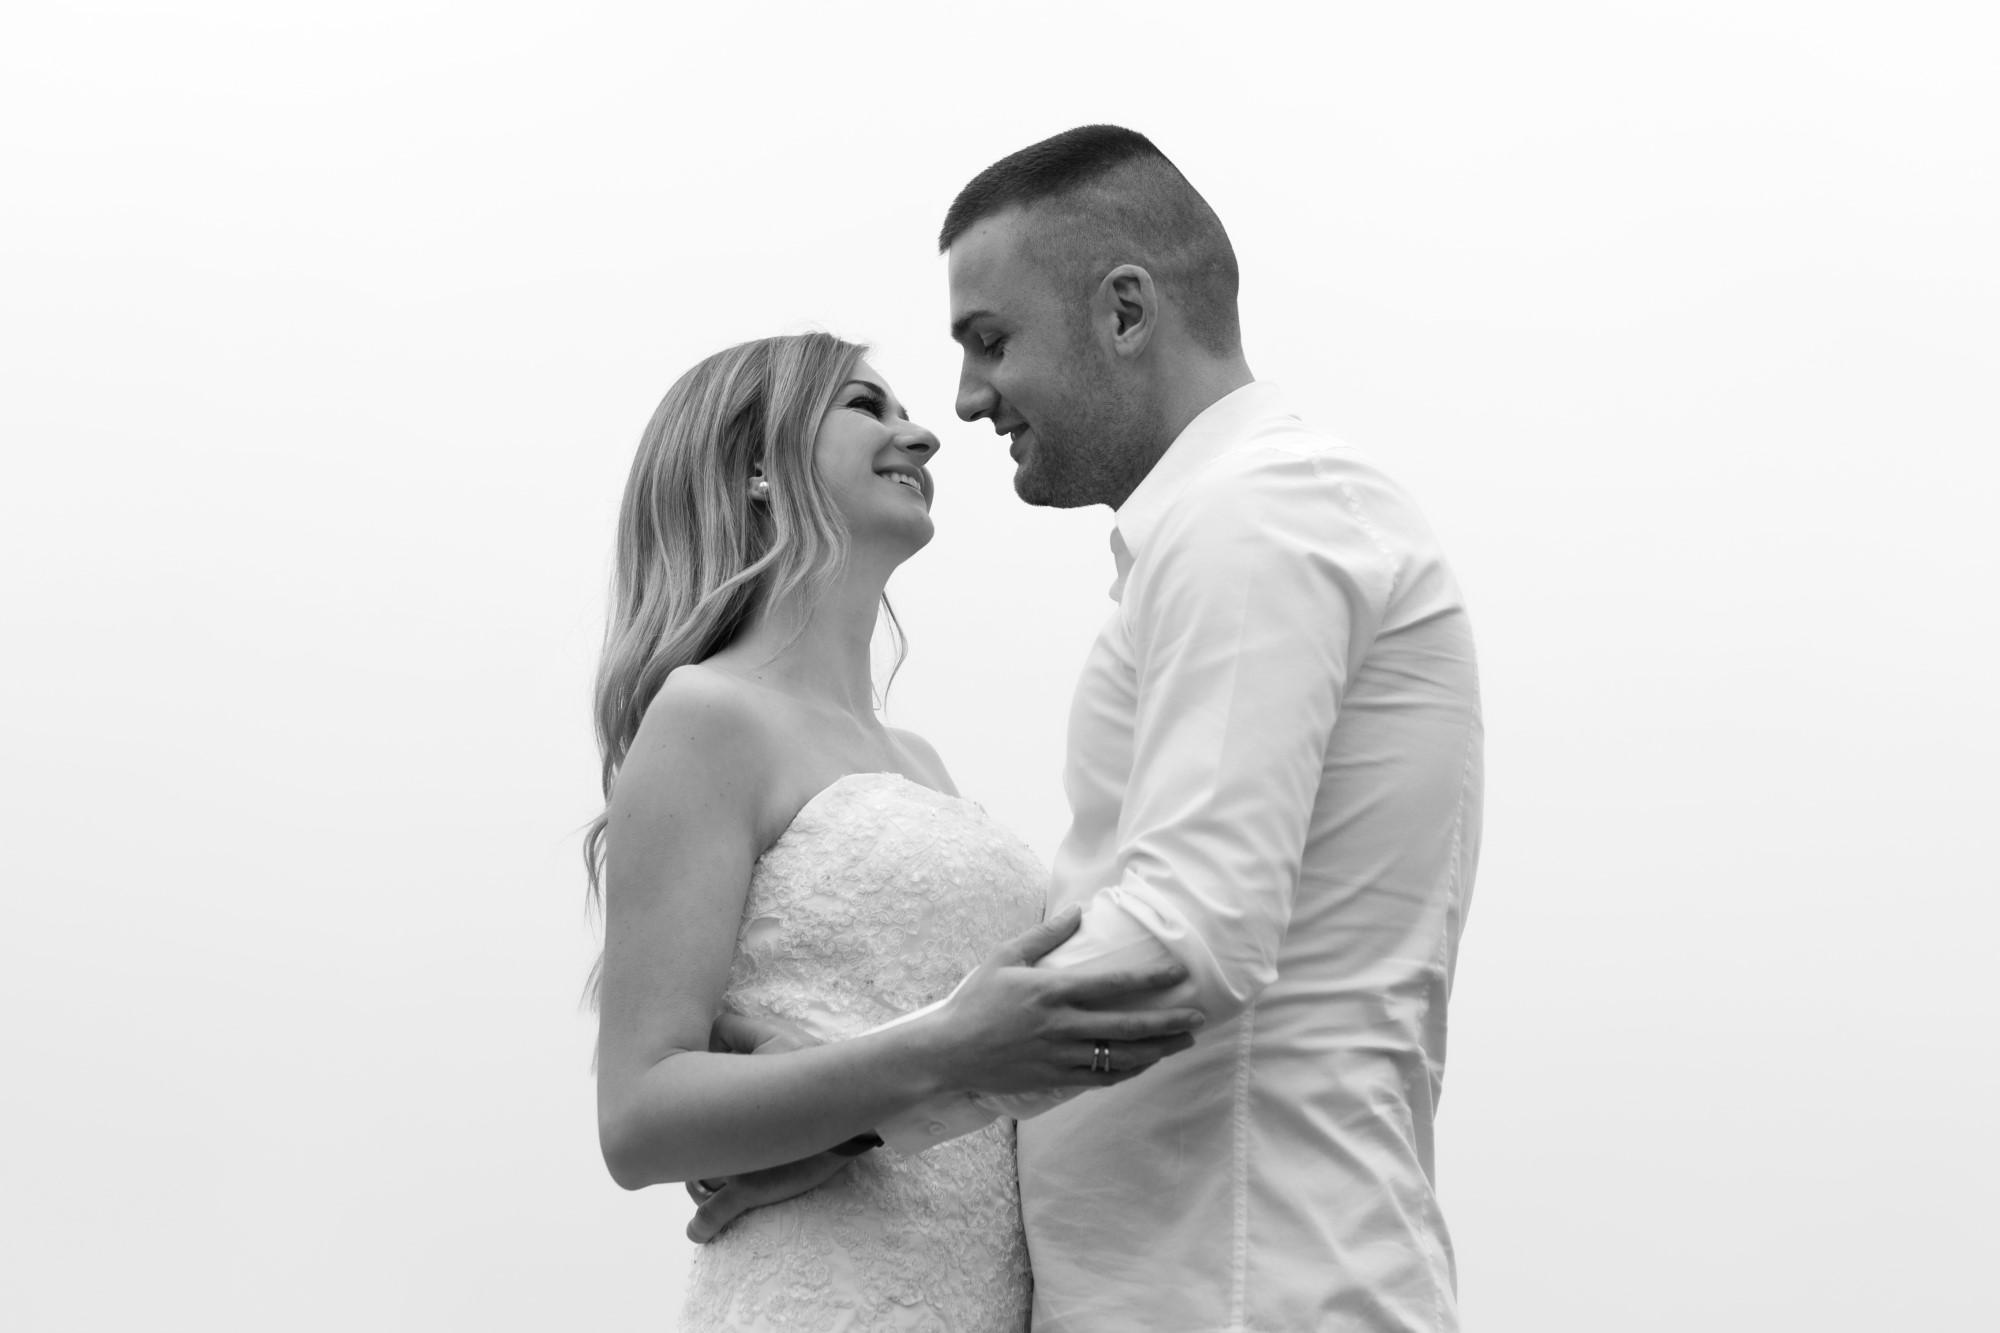 Schwarz Weiss Bild vom Brautpaar